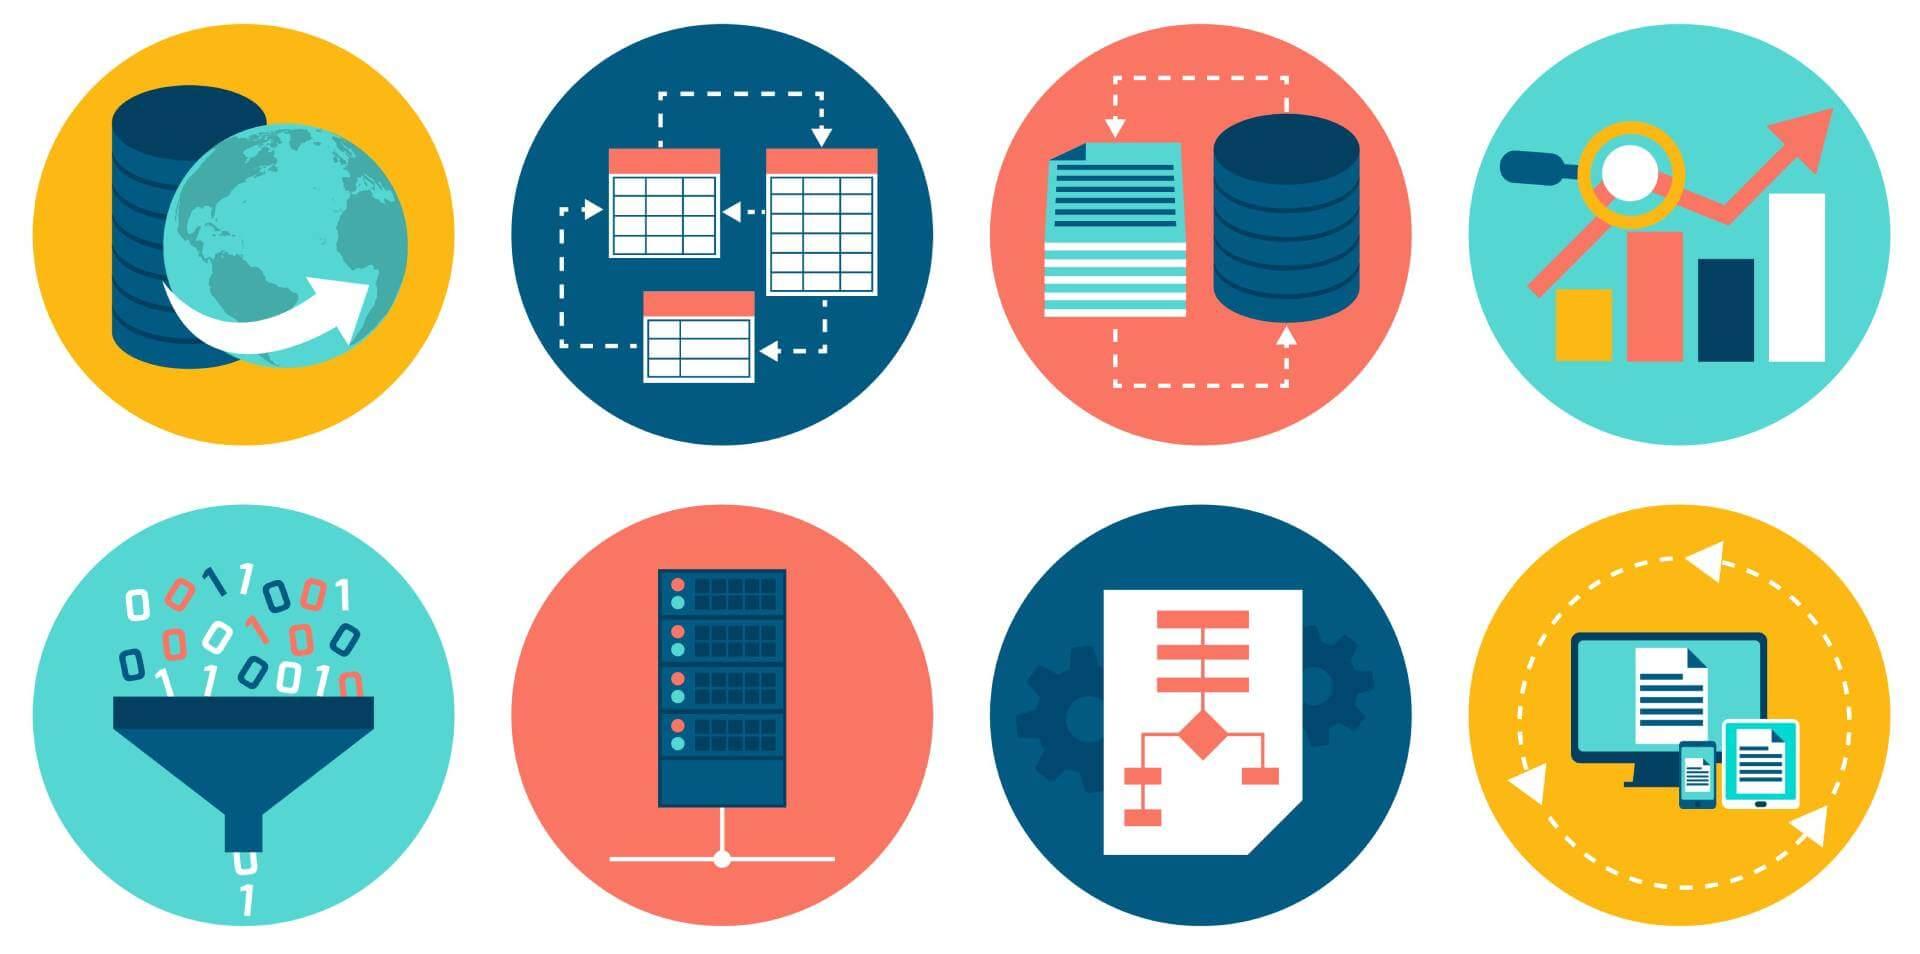 database structure image